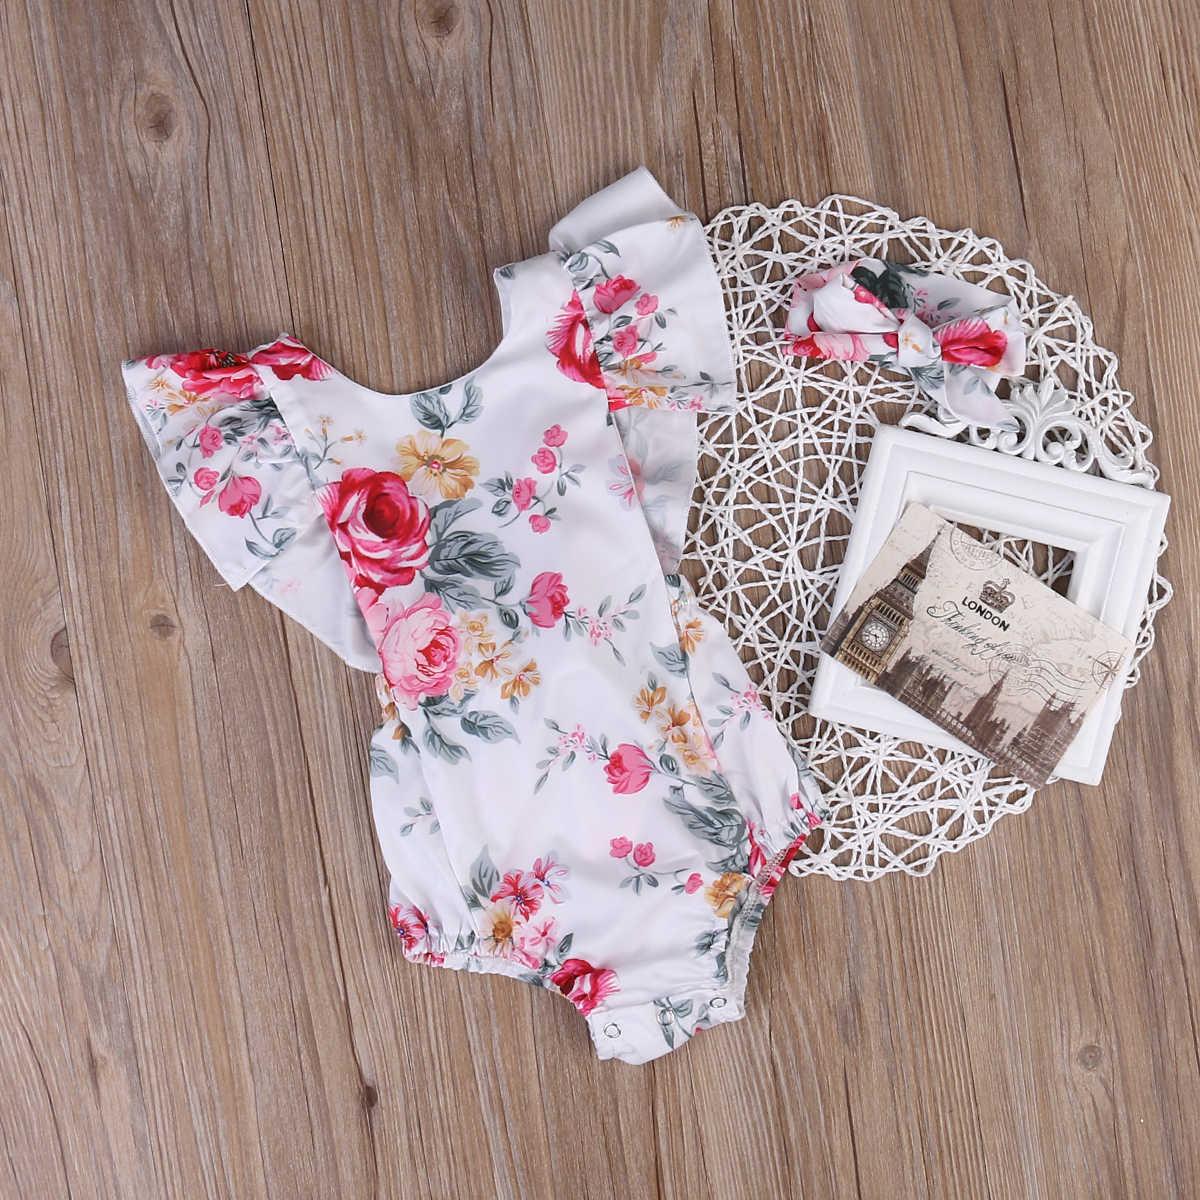 ¡2 uds! Verano 2017, mameluco de niña recién nacida, mono con volantes florales, mono + diadema, ropa de una pieza 0-18M